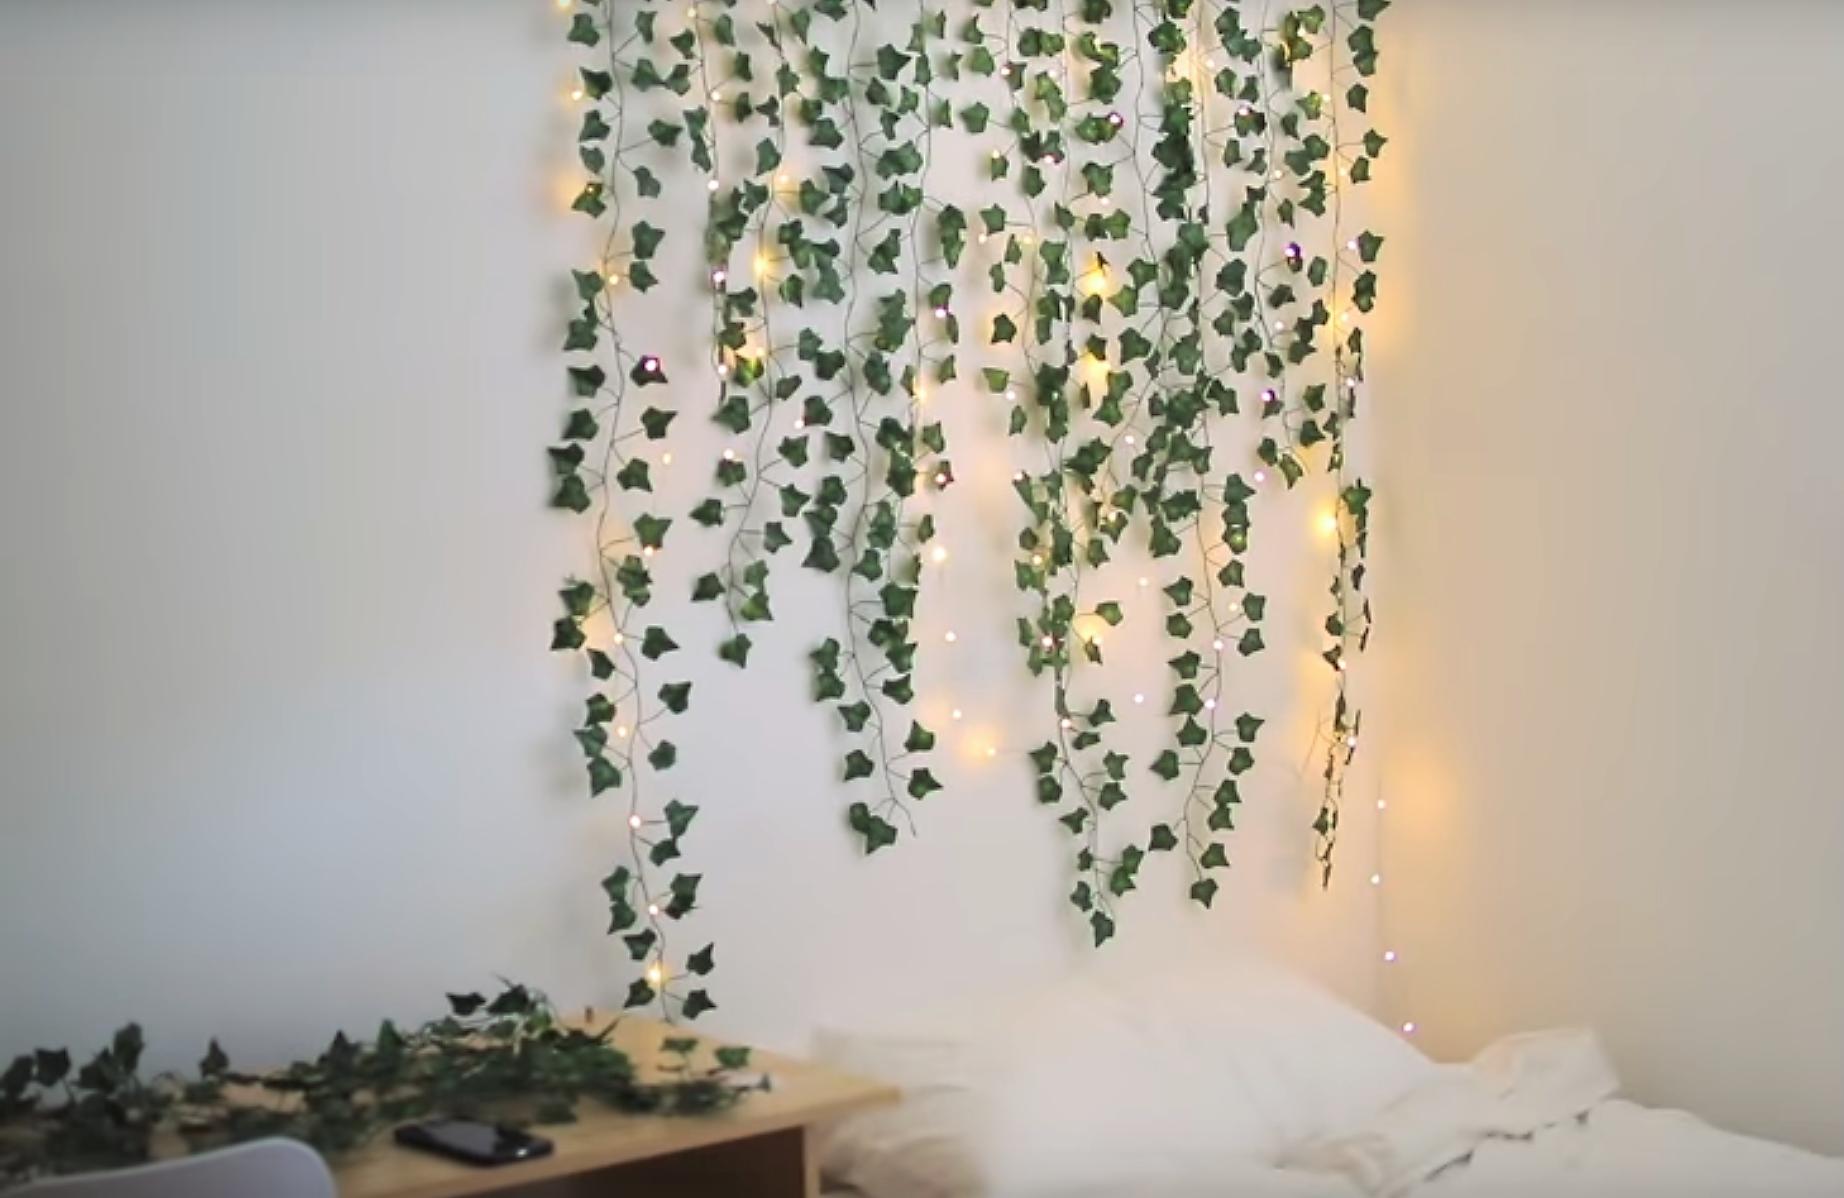 Ivy Vine Plant Headboard Bedroom Decor   Hanging bedroom ... on Vine Decor Ideas  id=98364